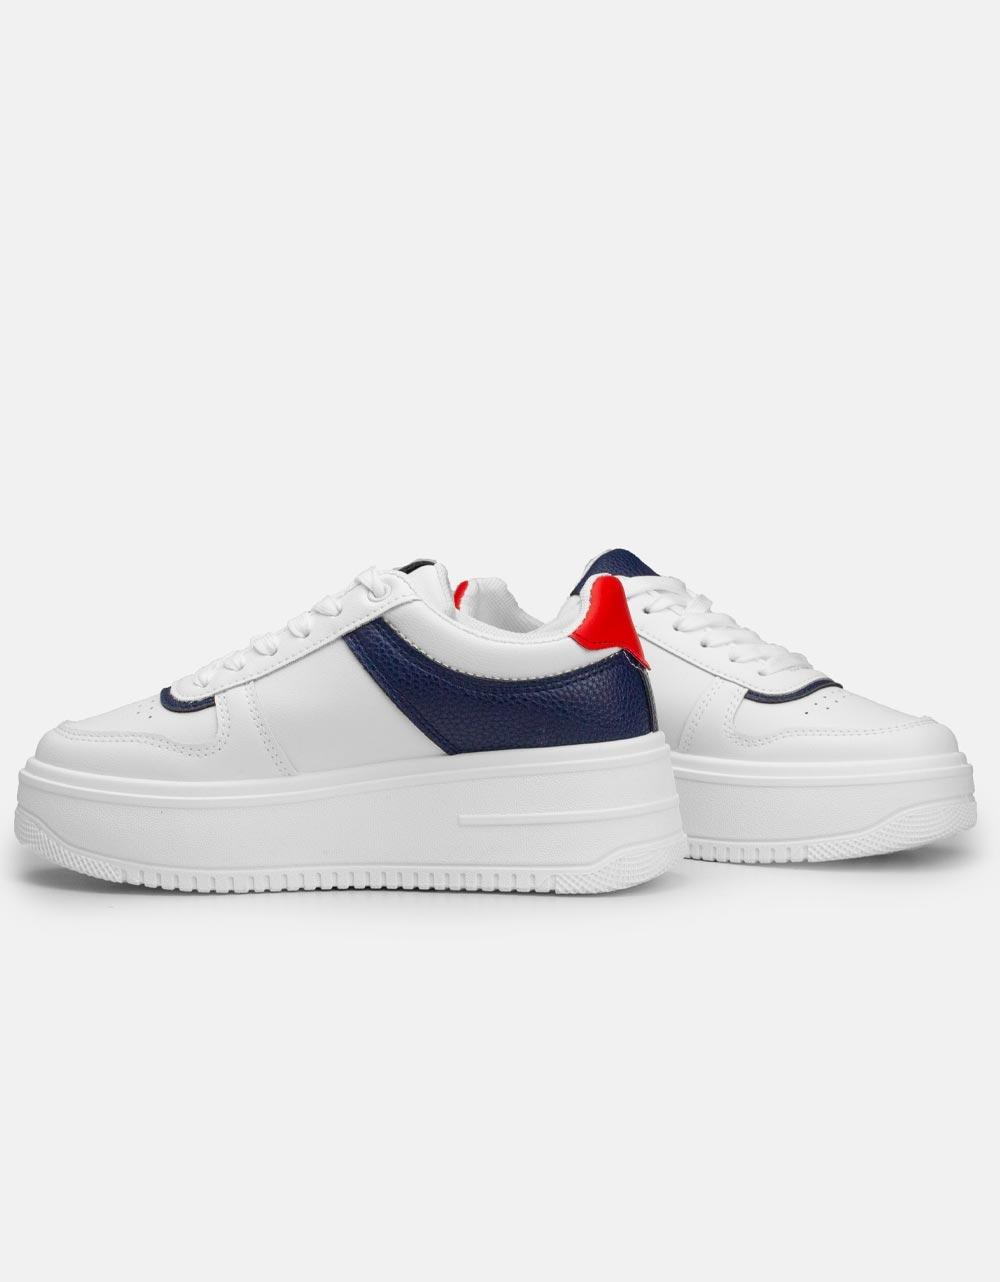 Εικόνα από Γυναικεία sneakers σε συνδυασμούς χρωμάτων Λευκό/Μπλε